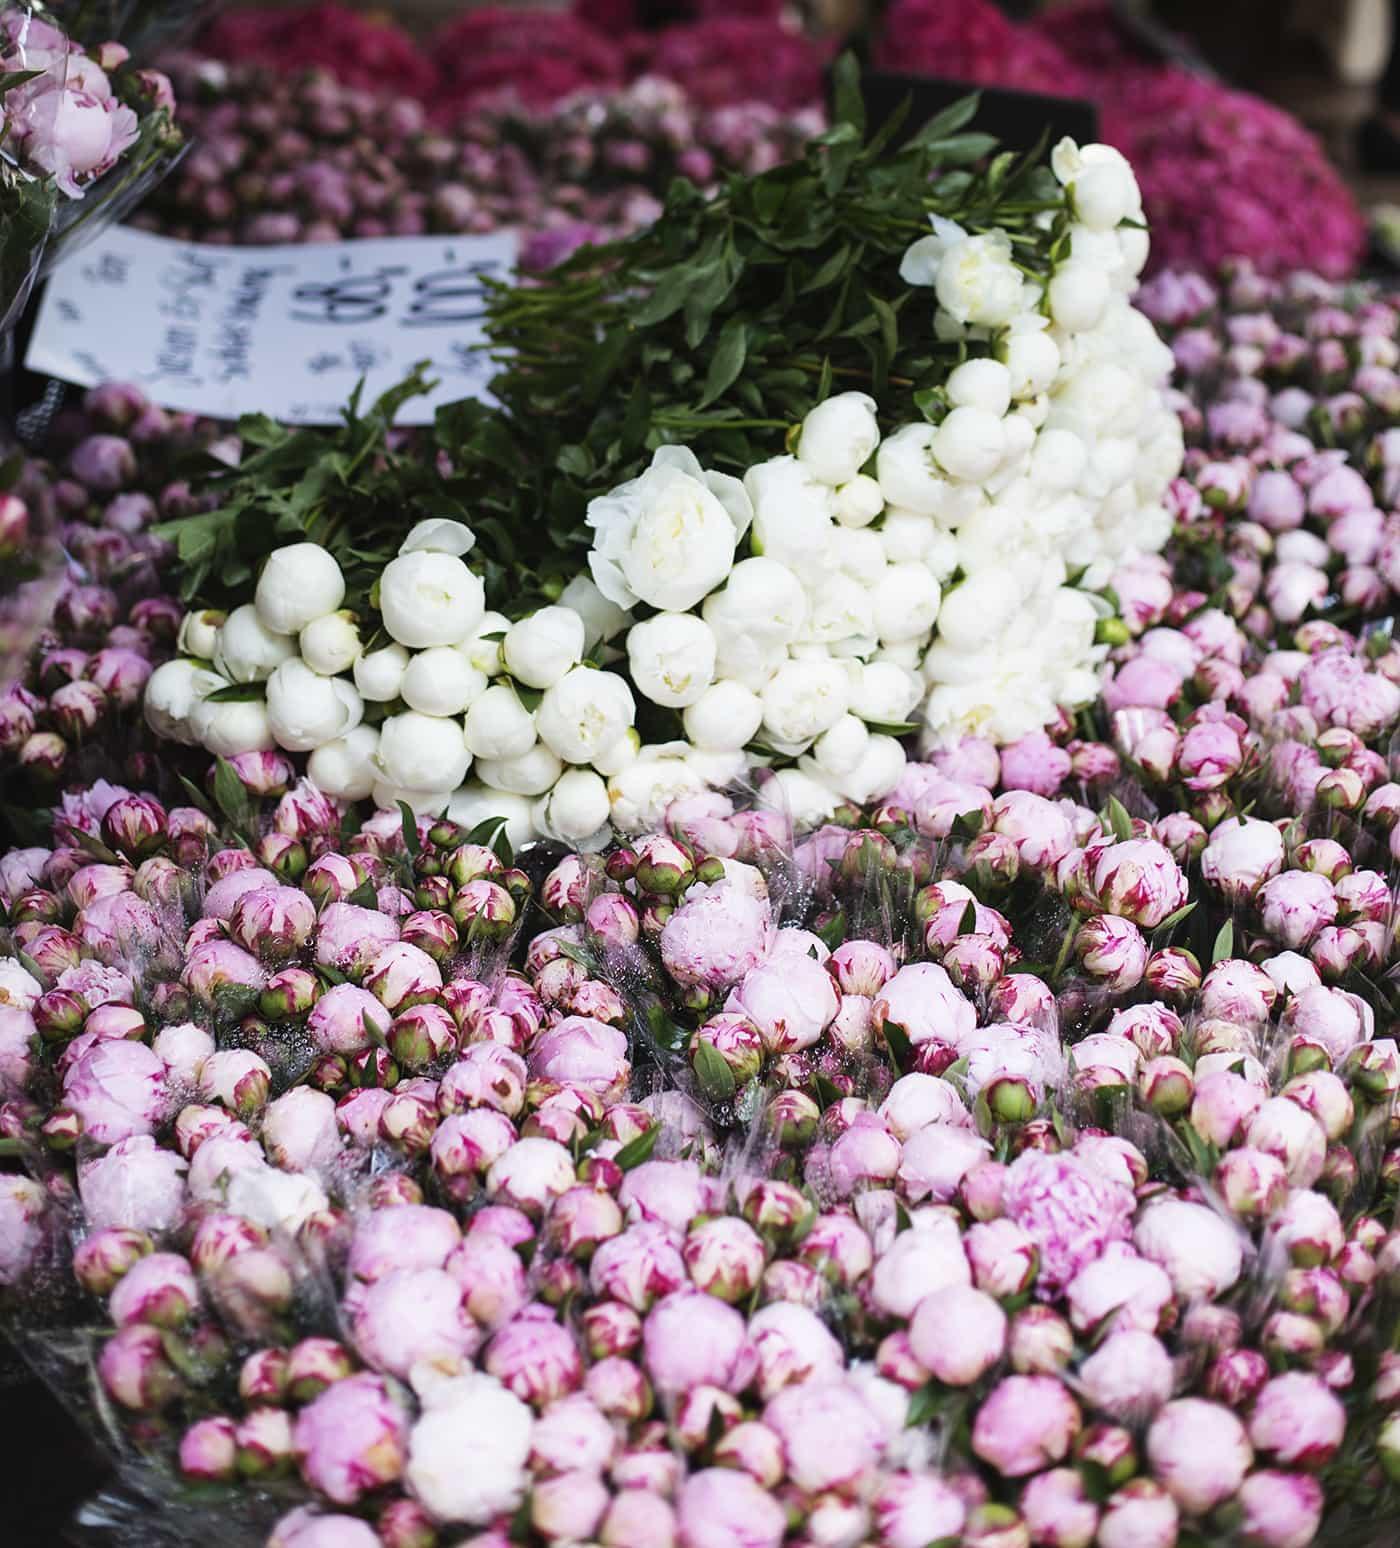 Copenhagen | wanderlust | flower market | peonies